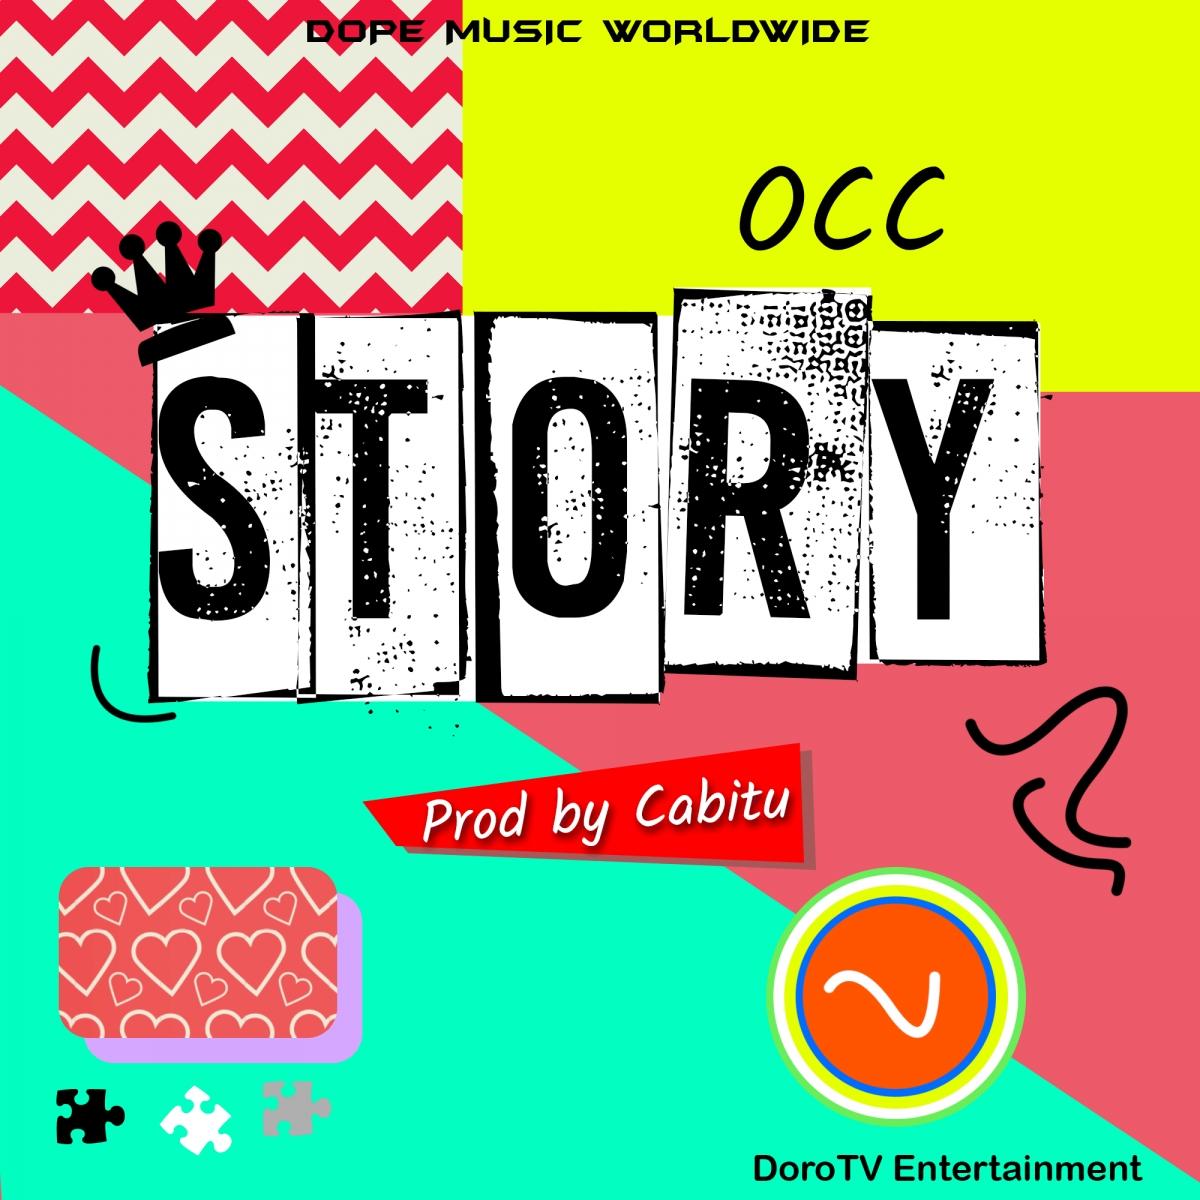 Story - OCC